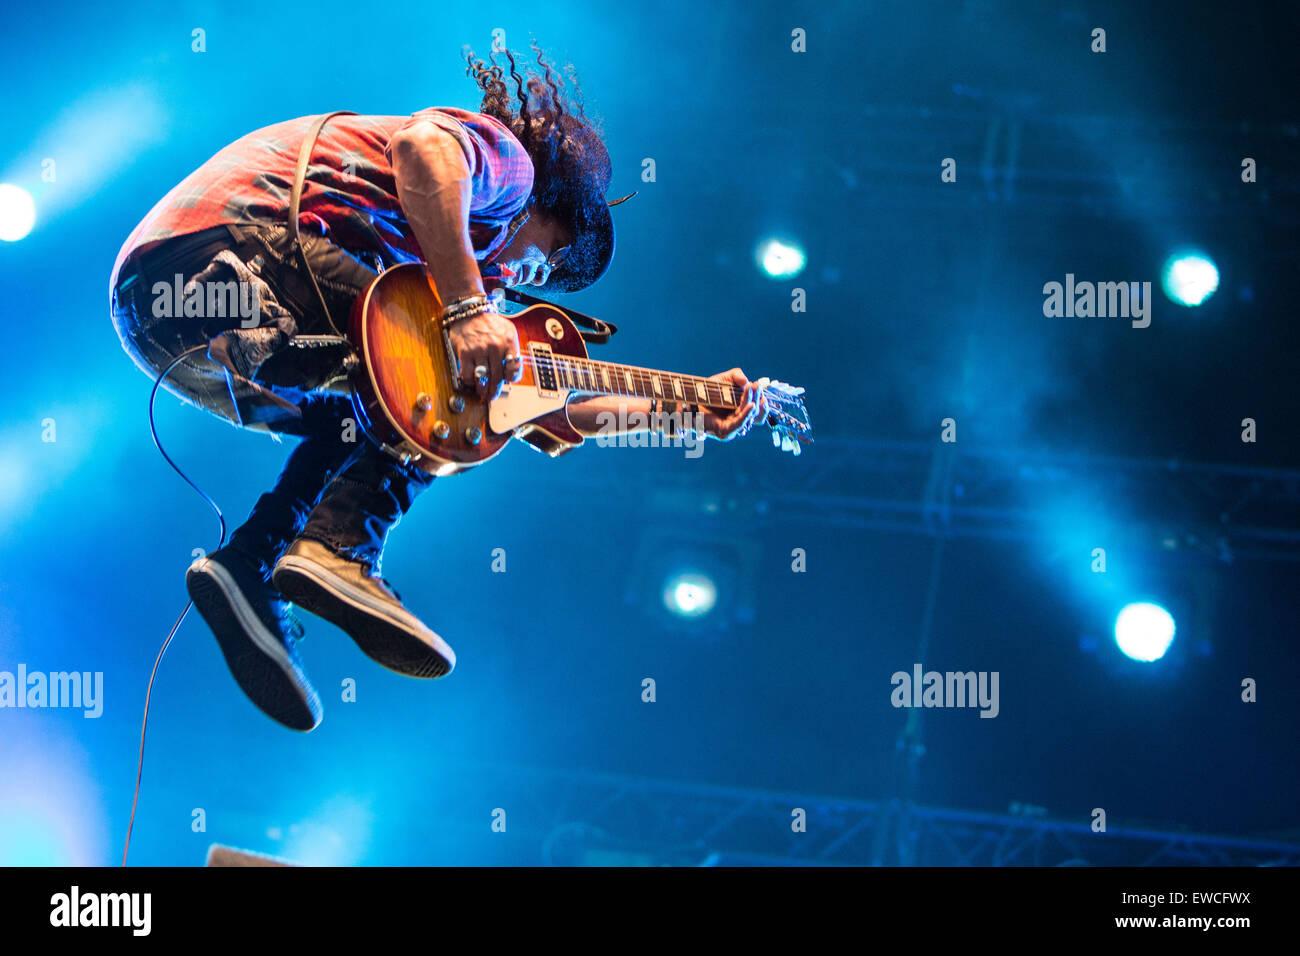 Slash ft. Myles Kennedy y los conspiradores en vivo en el Festival de Pinkpop en Holanda 2015 © Roberto Finizio Imagen De Stock